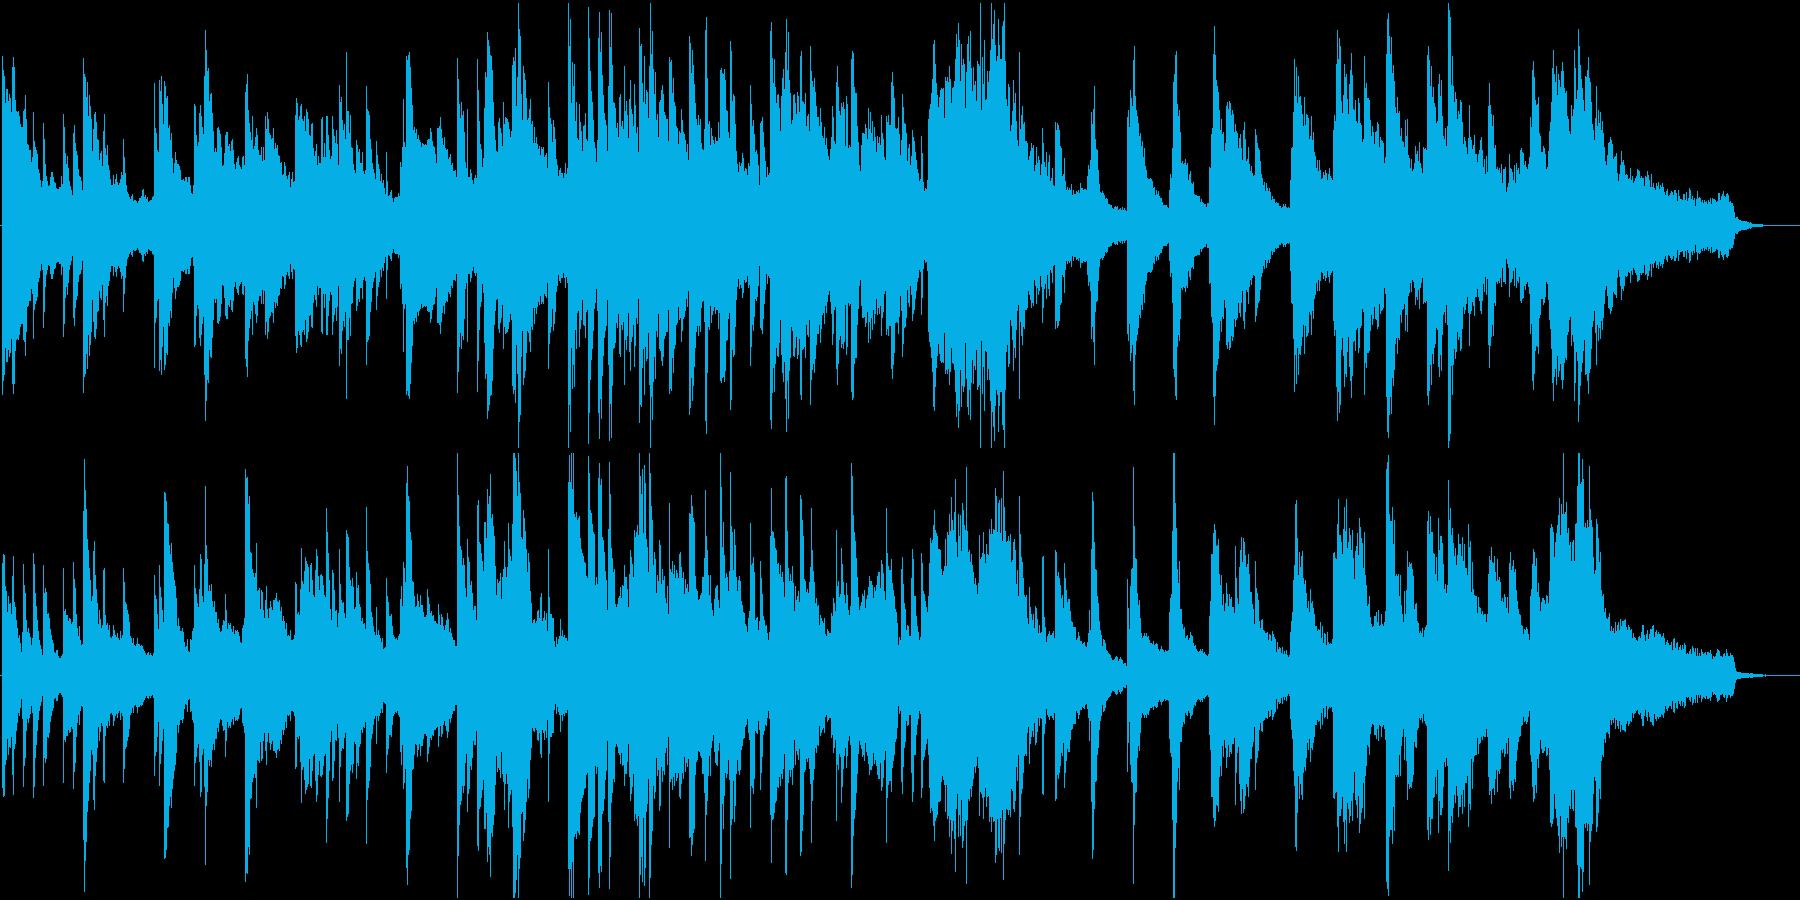 夜の光のような静かなピアノ楽曲の再生済みの波形